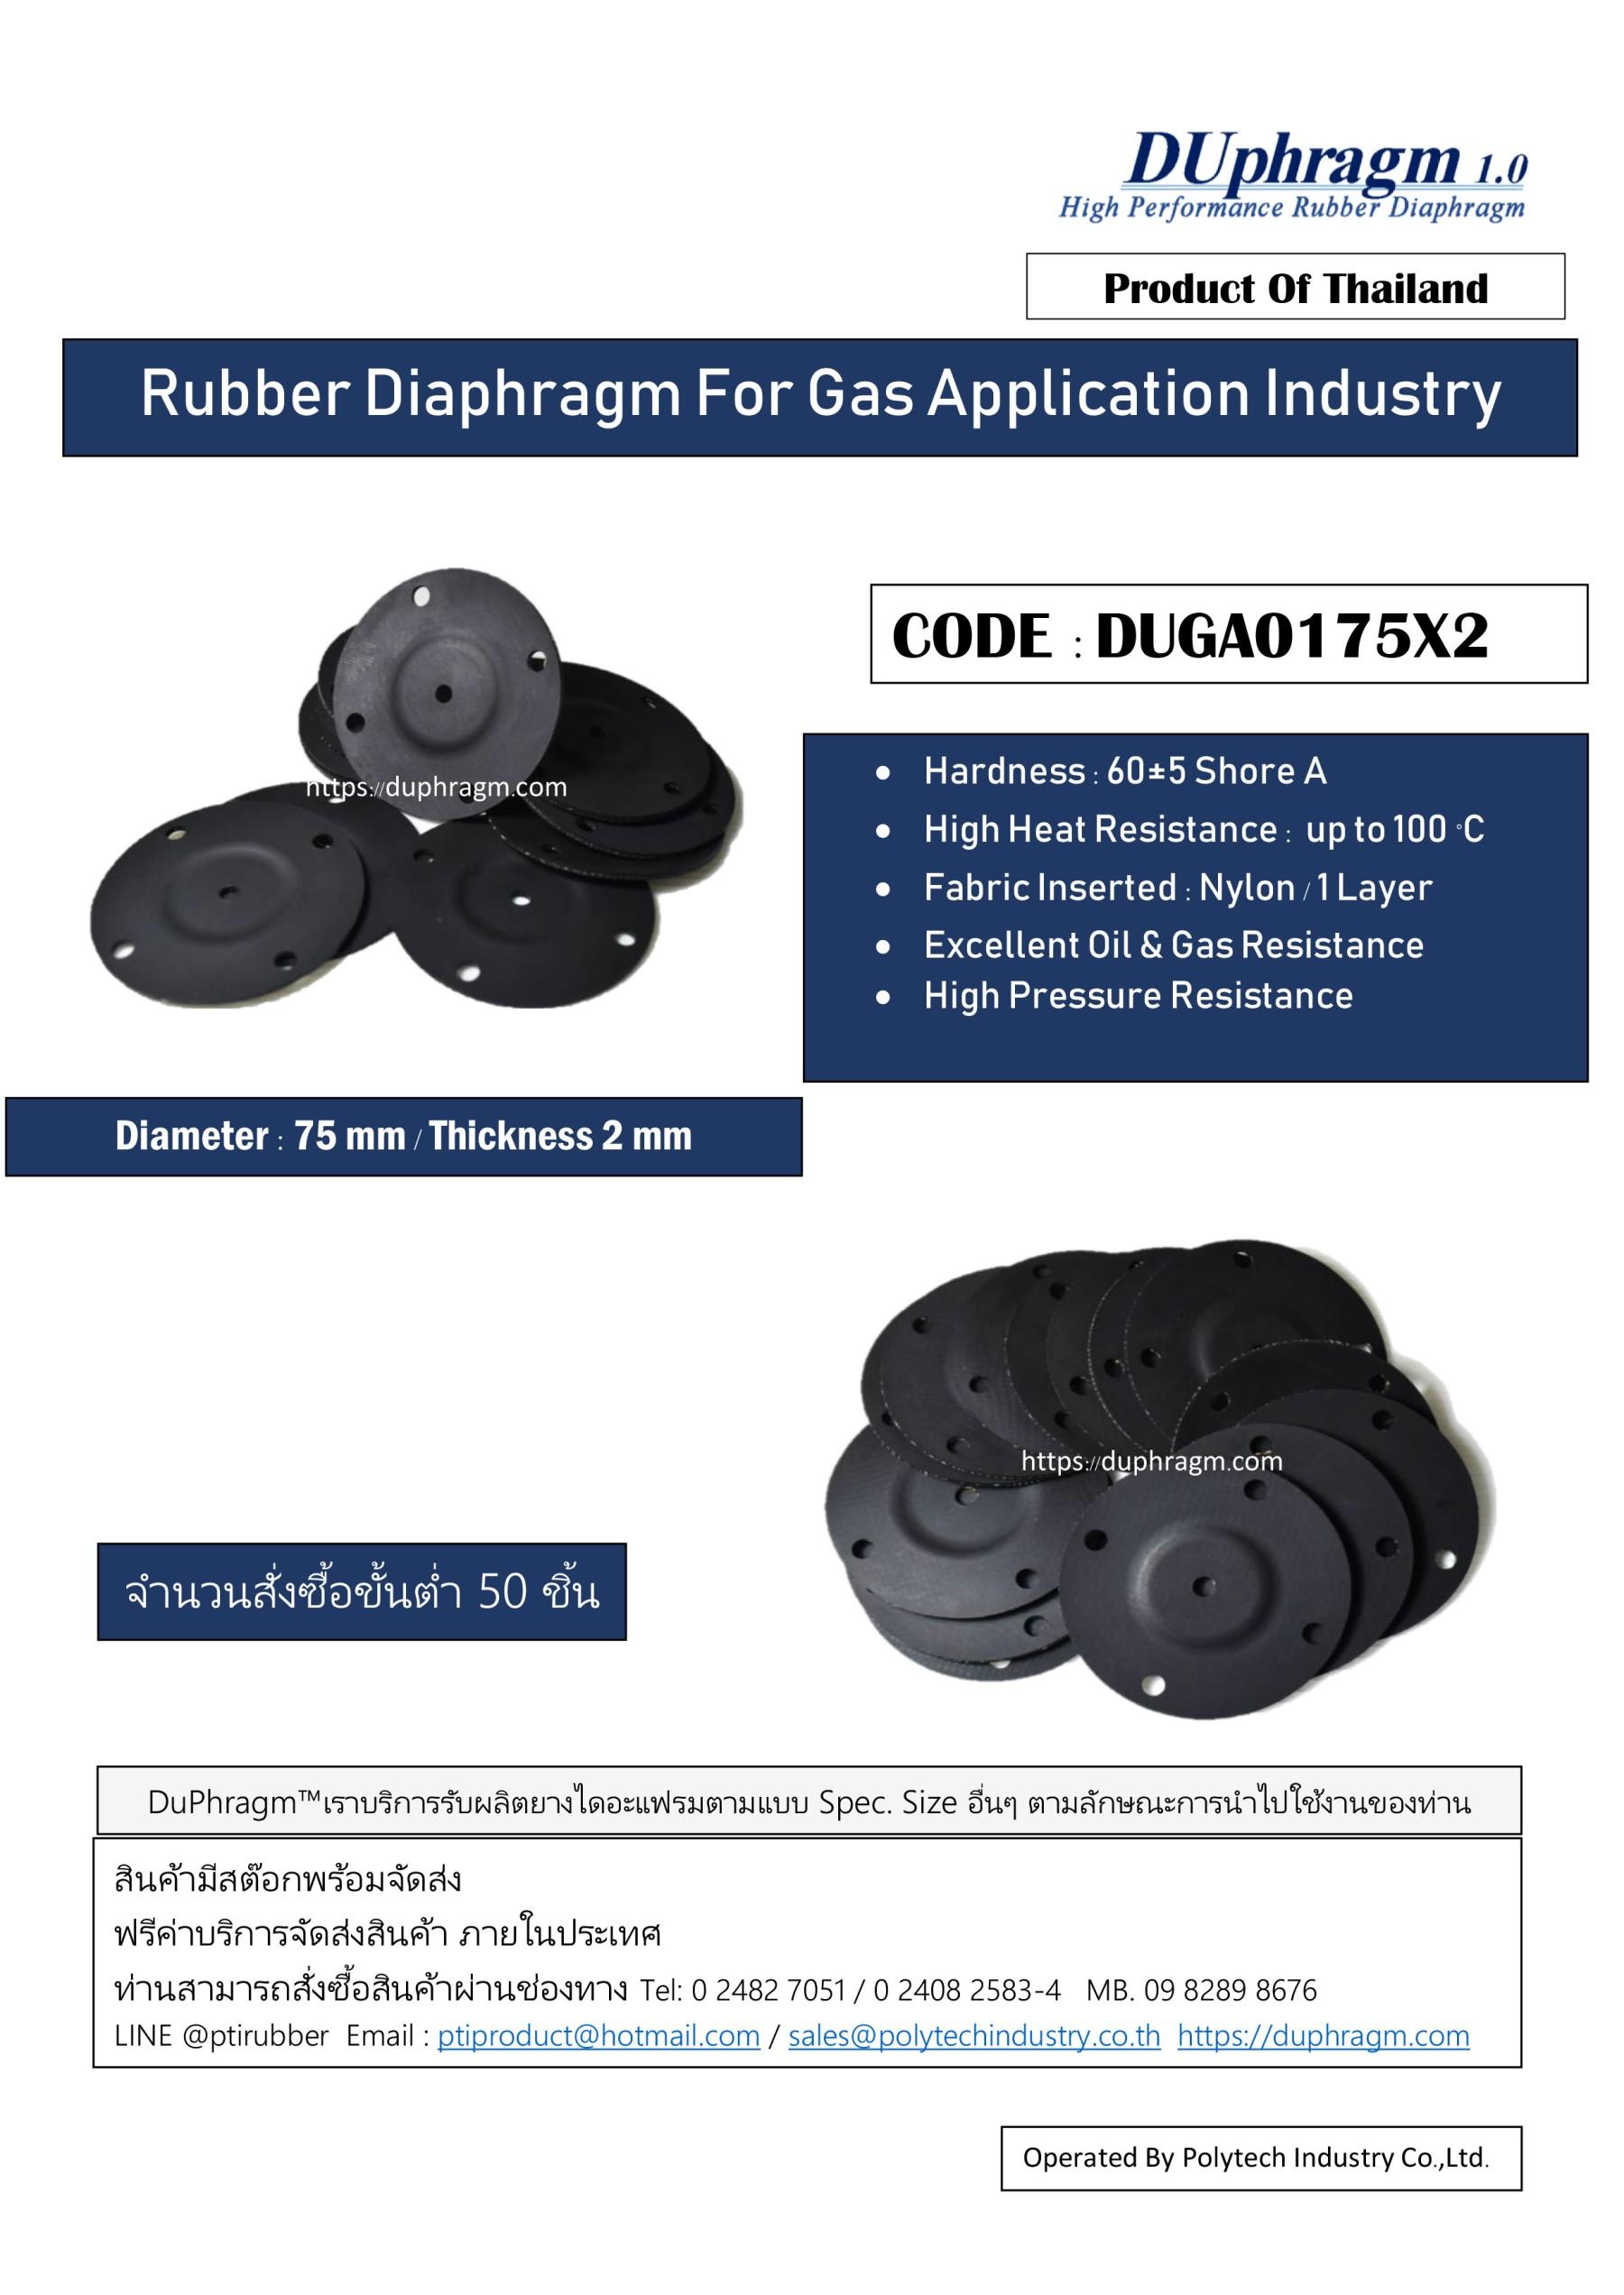 ยางไดอะแฟรมทนแก็ส LPG NGV DUGA0175X2